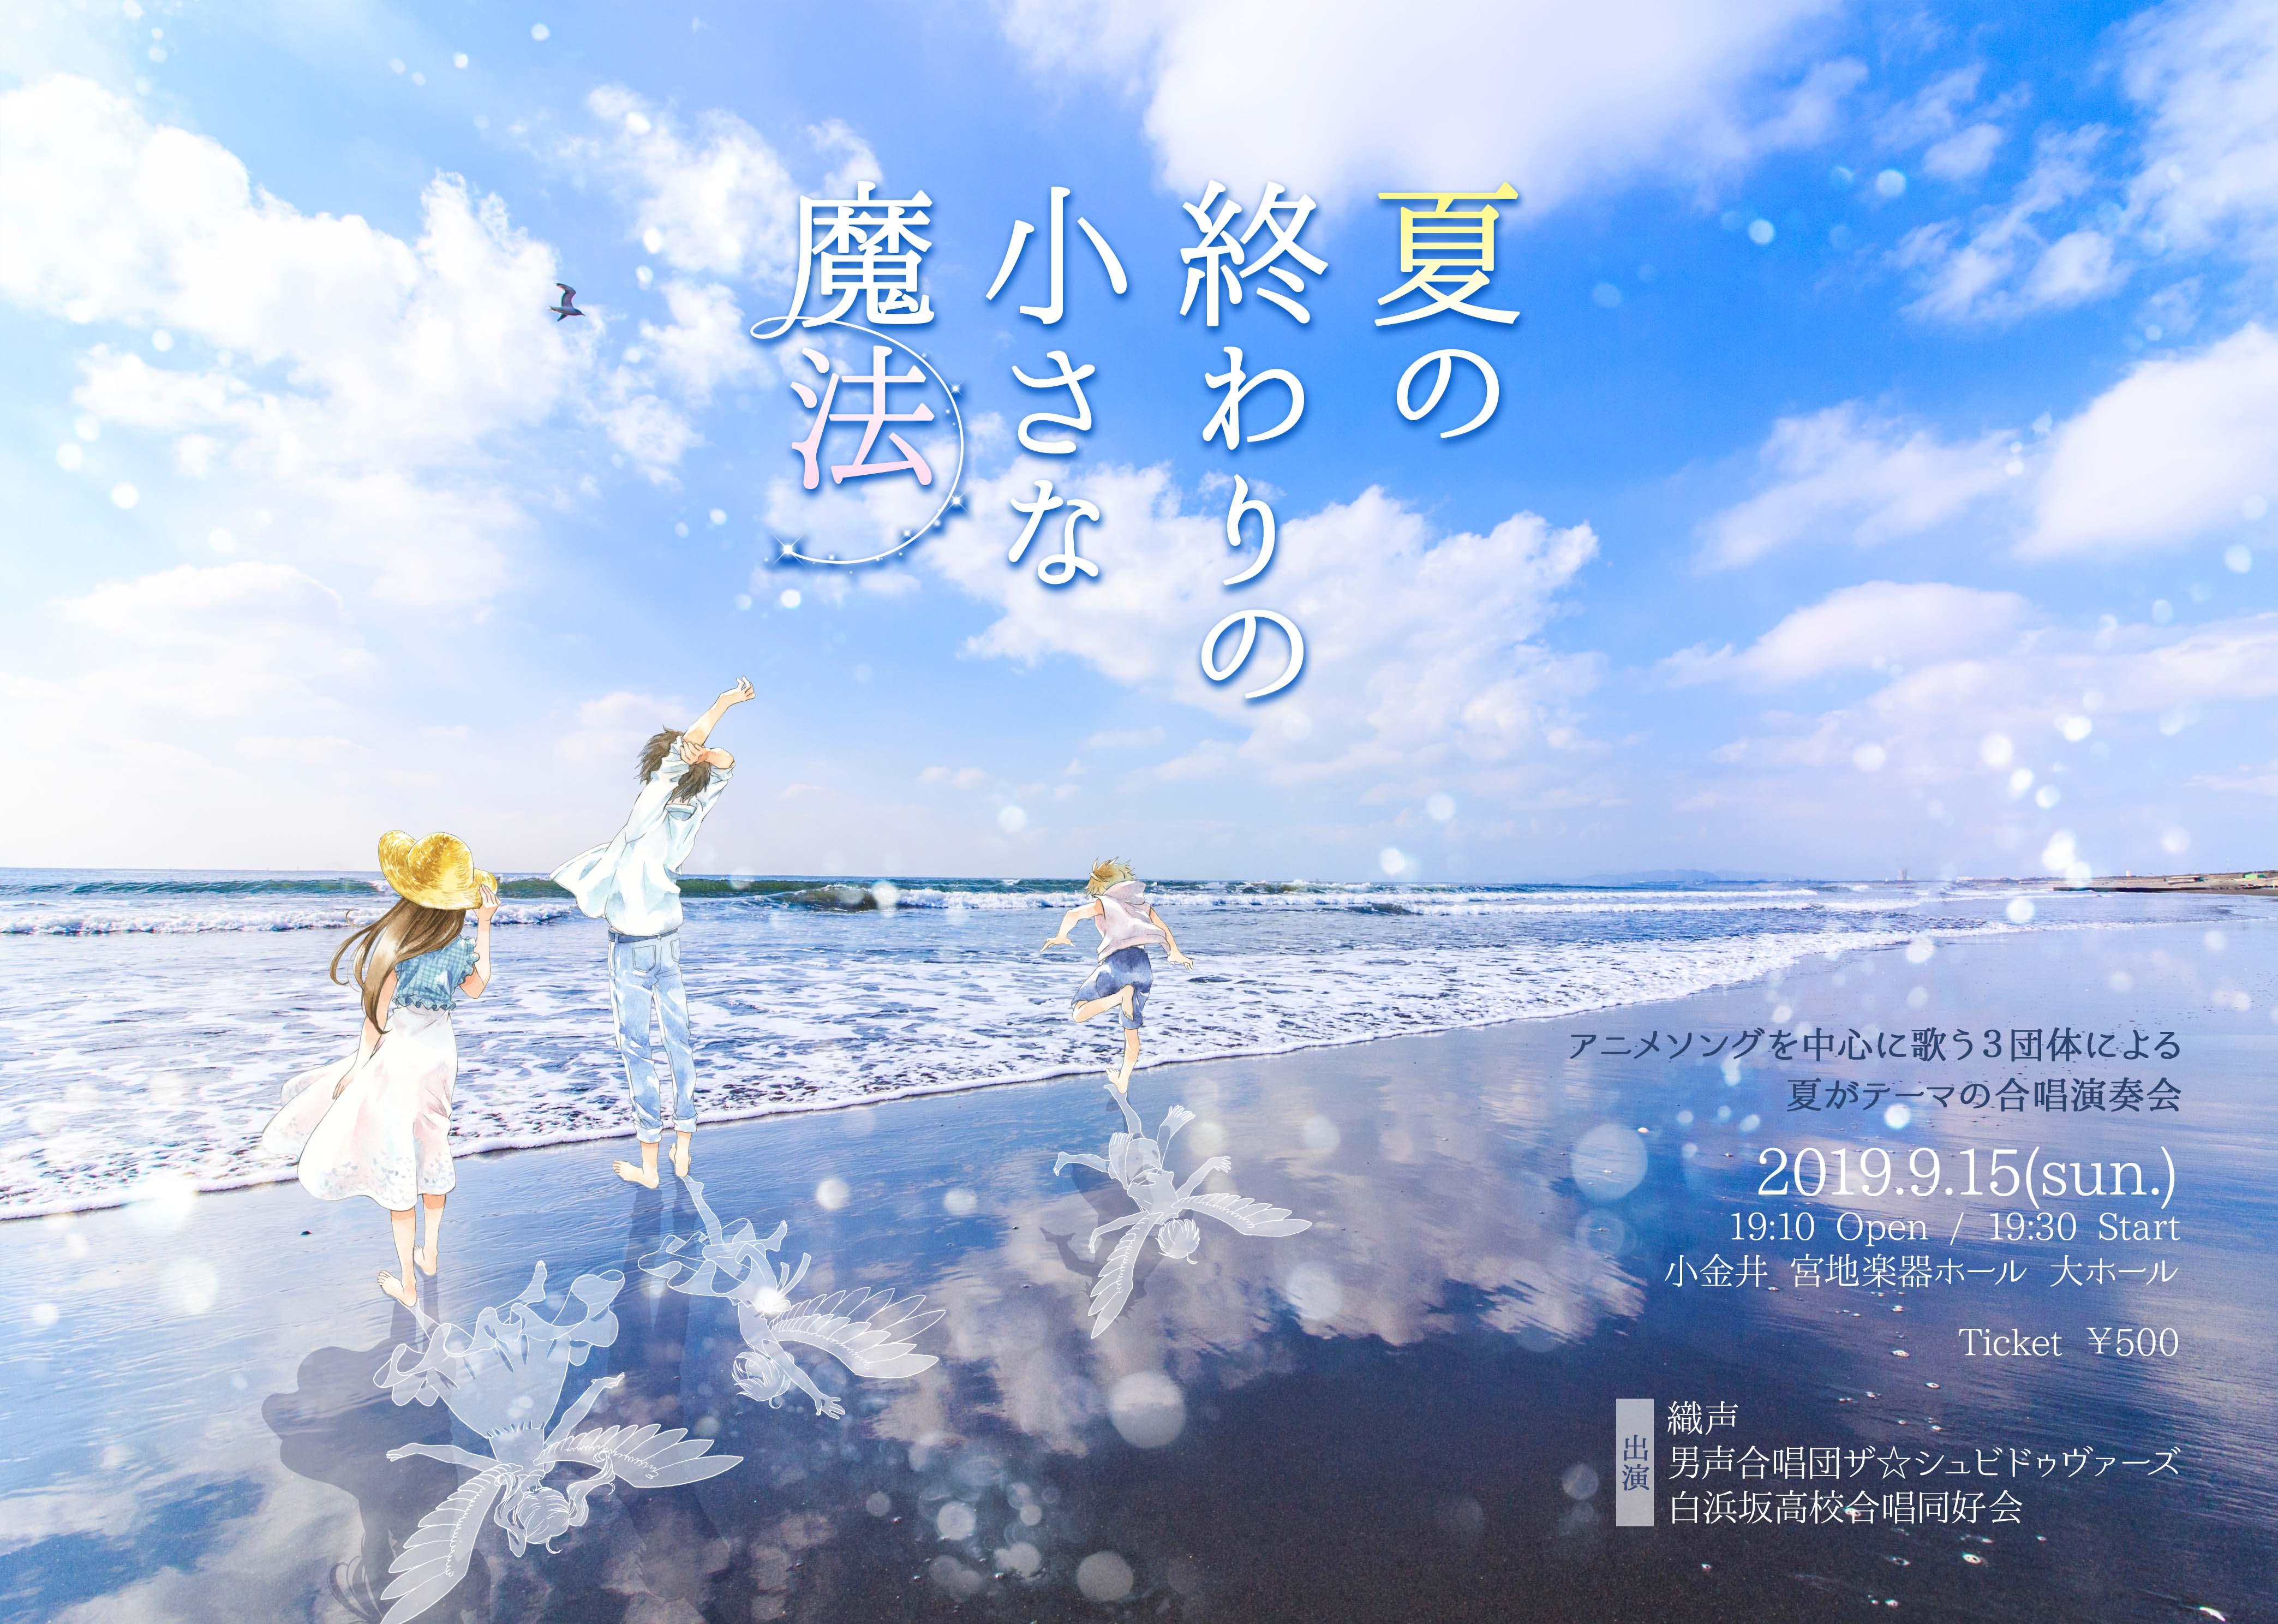 演奏会「夏の終わりの小さな魔法」